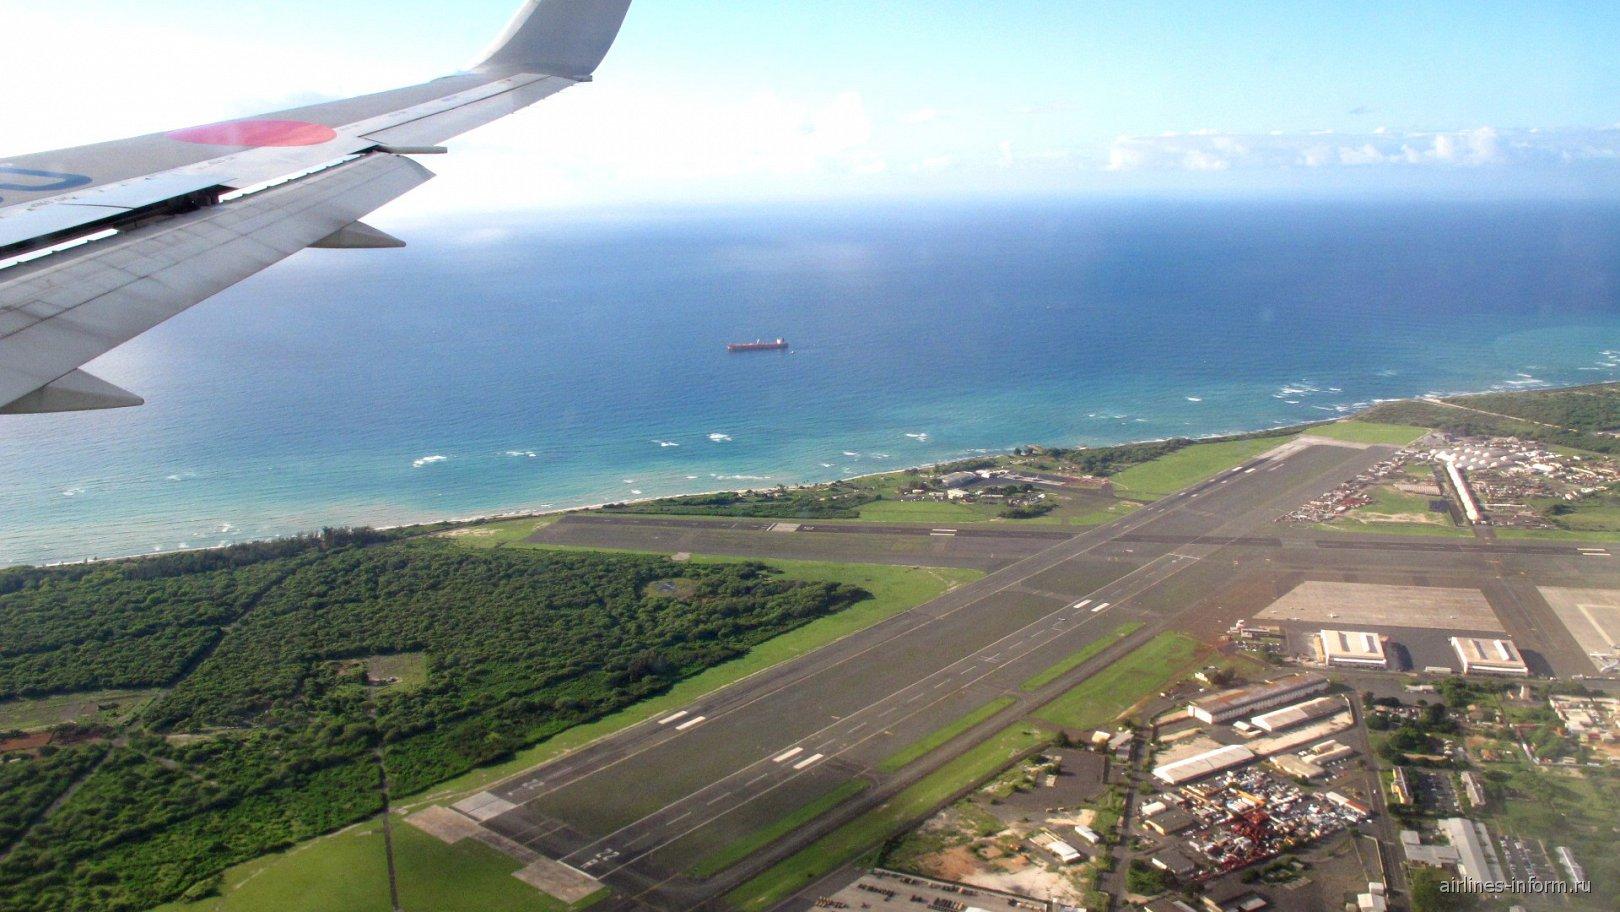 Аэропорт Гонолулу на Гавайских островах